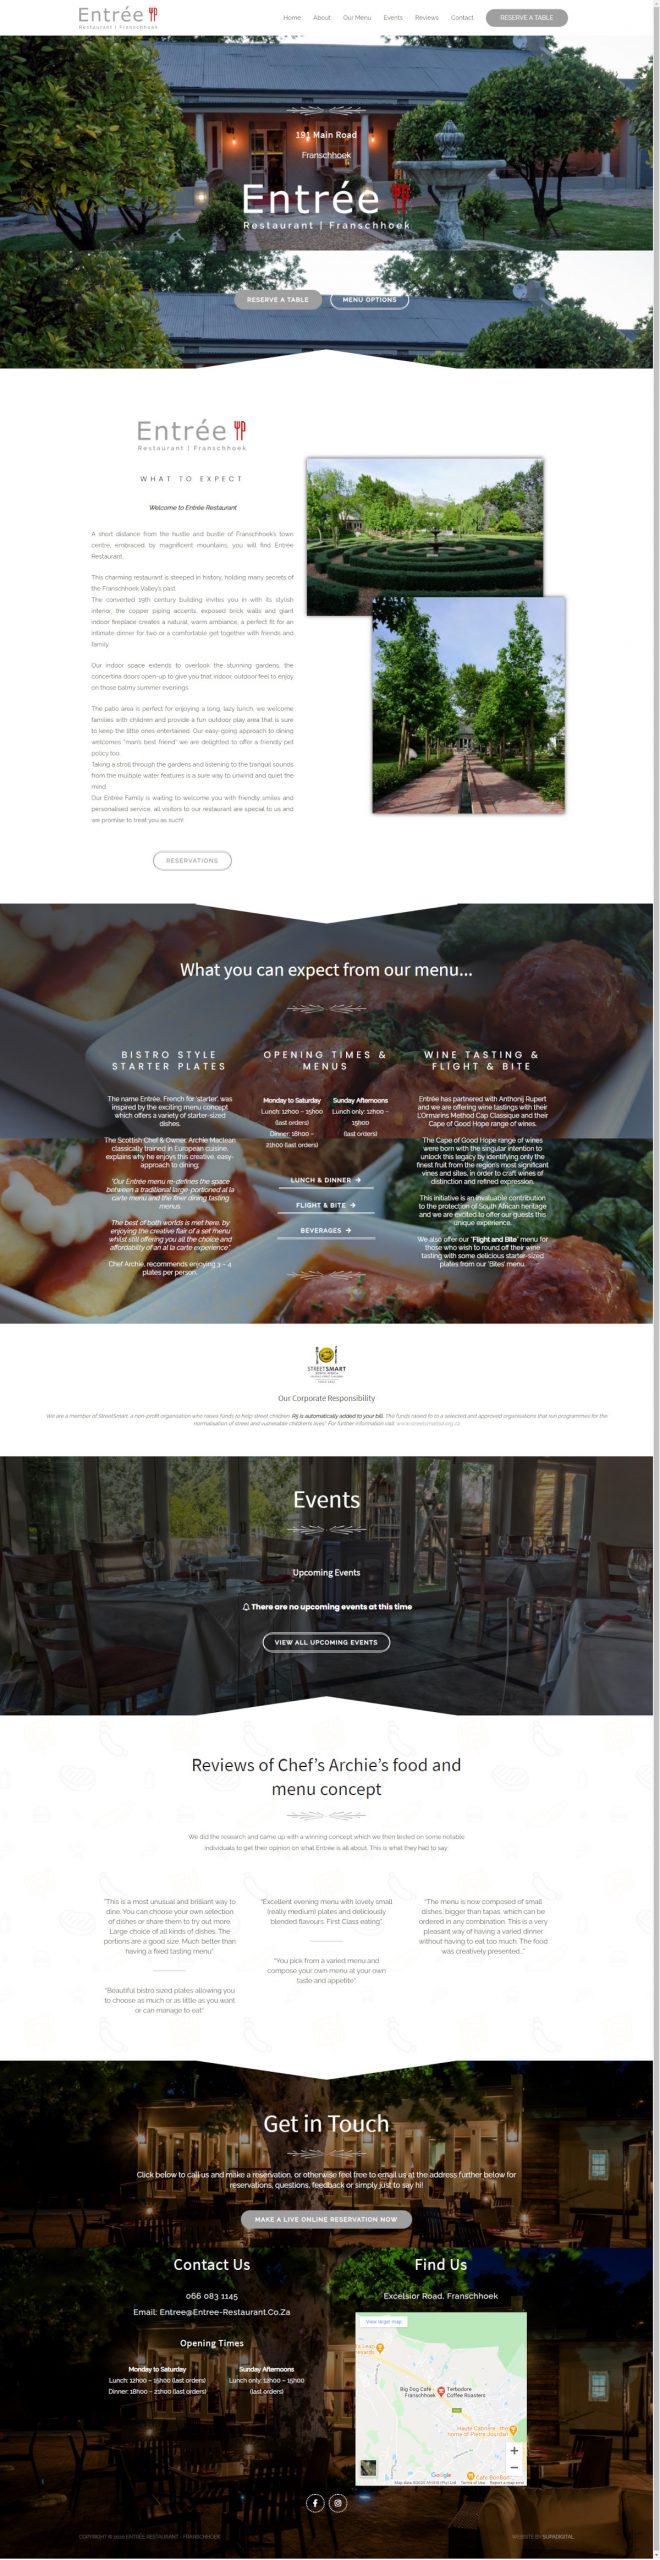 Website for Entrée Restaurant in Franschhoek